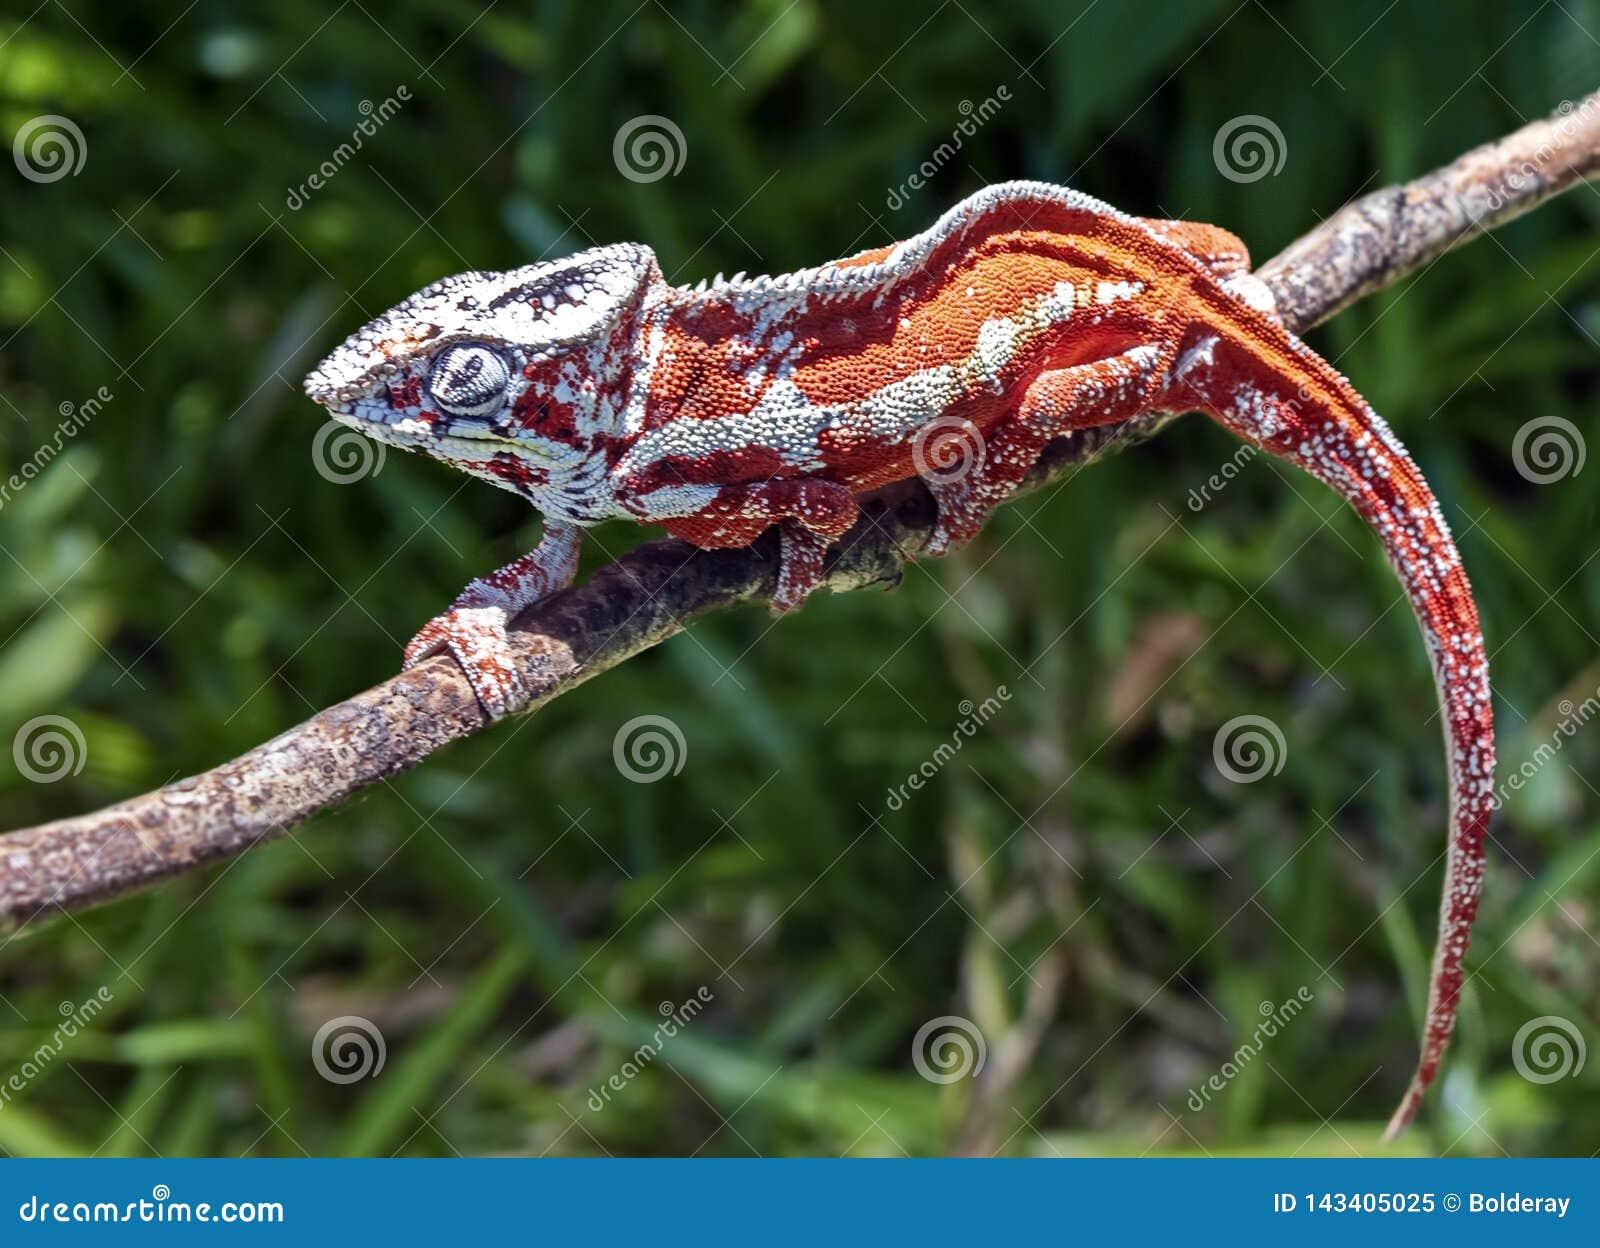 Lat de caméléons € de Chamaeleonidae» une famille des lézards adaptés au mode de vie boisé, capable changer la couleur du corps